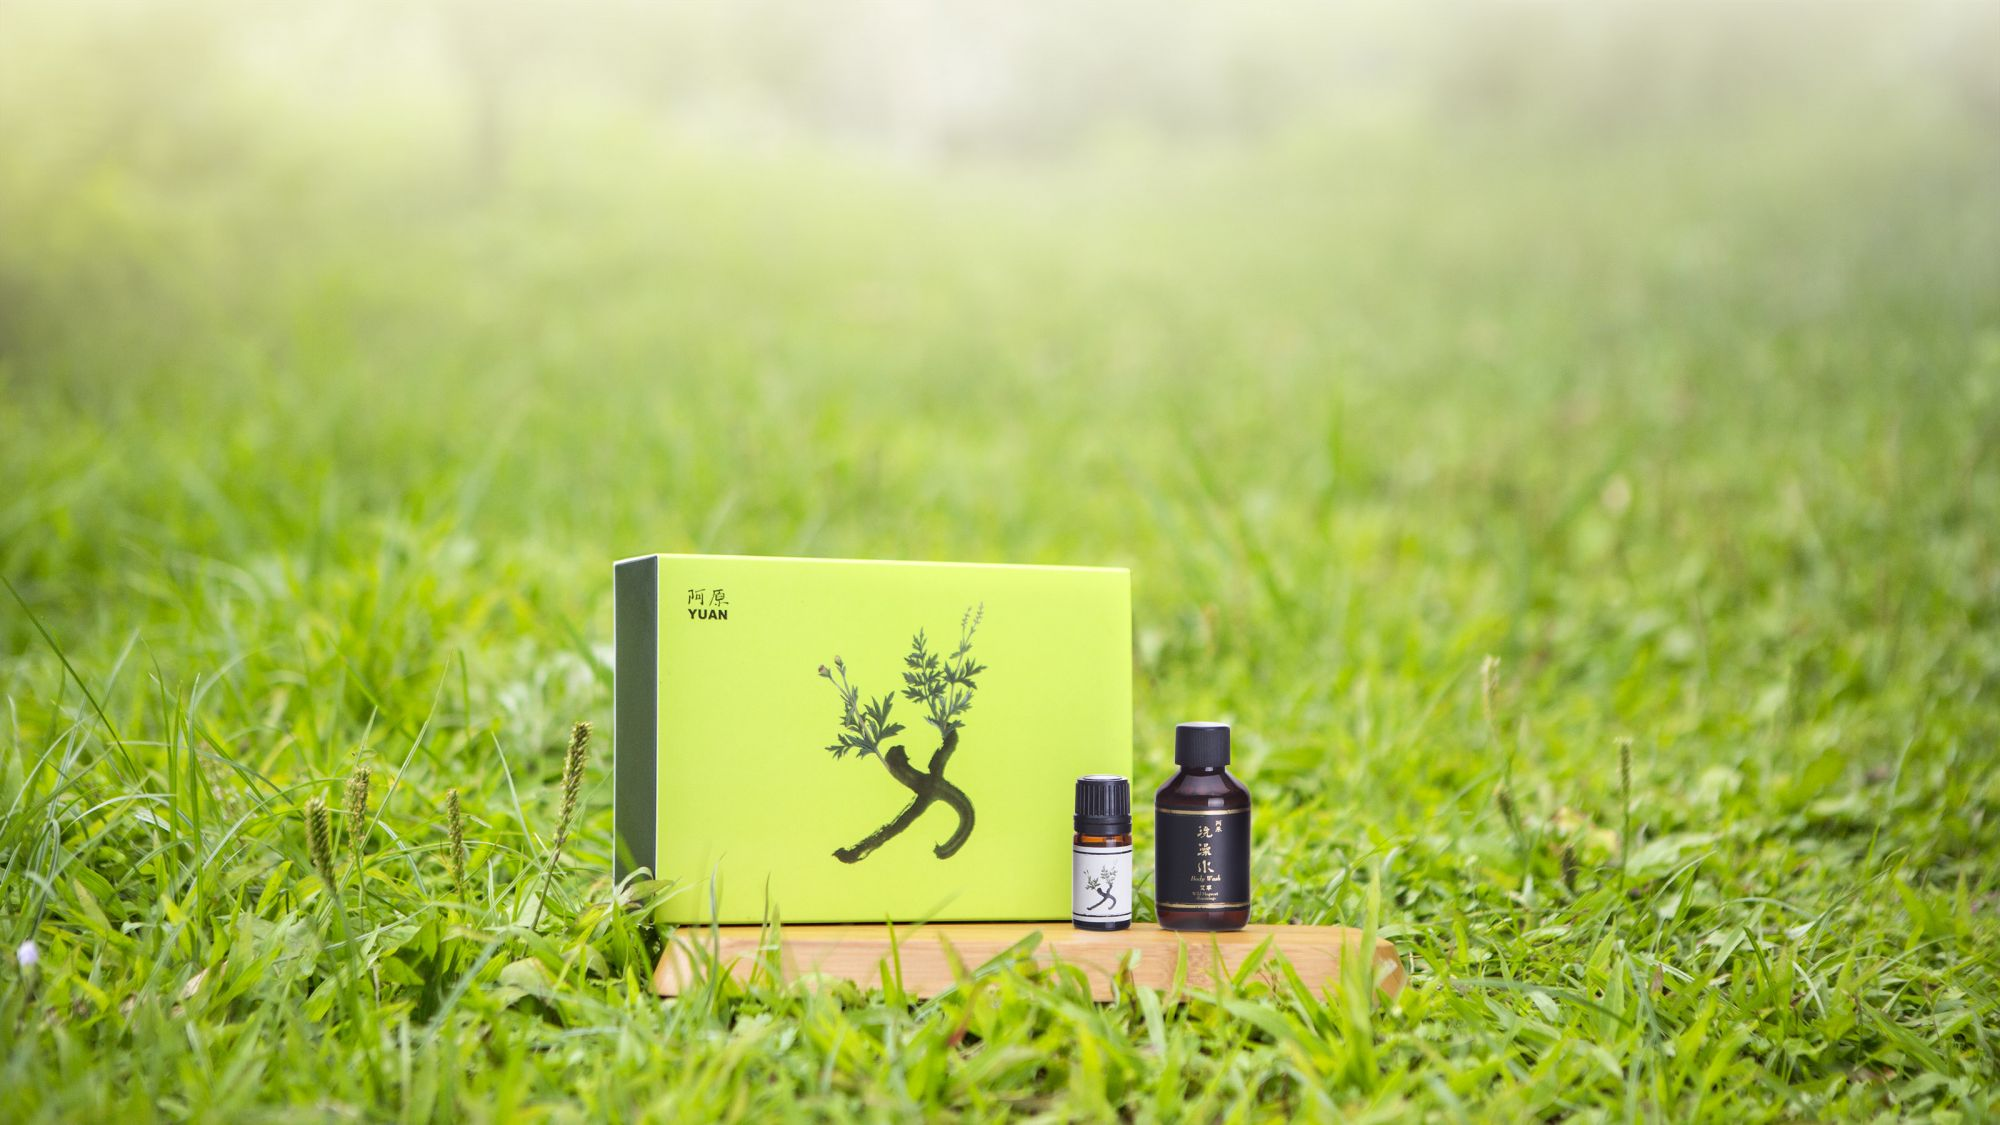 酷暑照護肌膚,端午淨化環境:台灣青草植物應用專家阿原,獻上百草之王「艾」的力量。